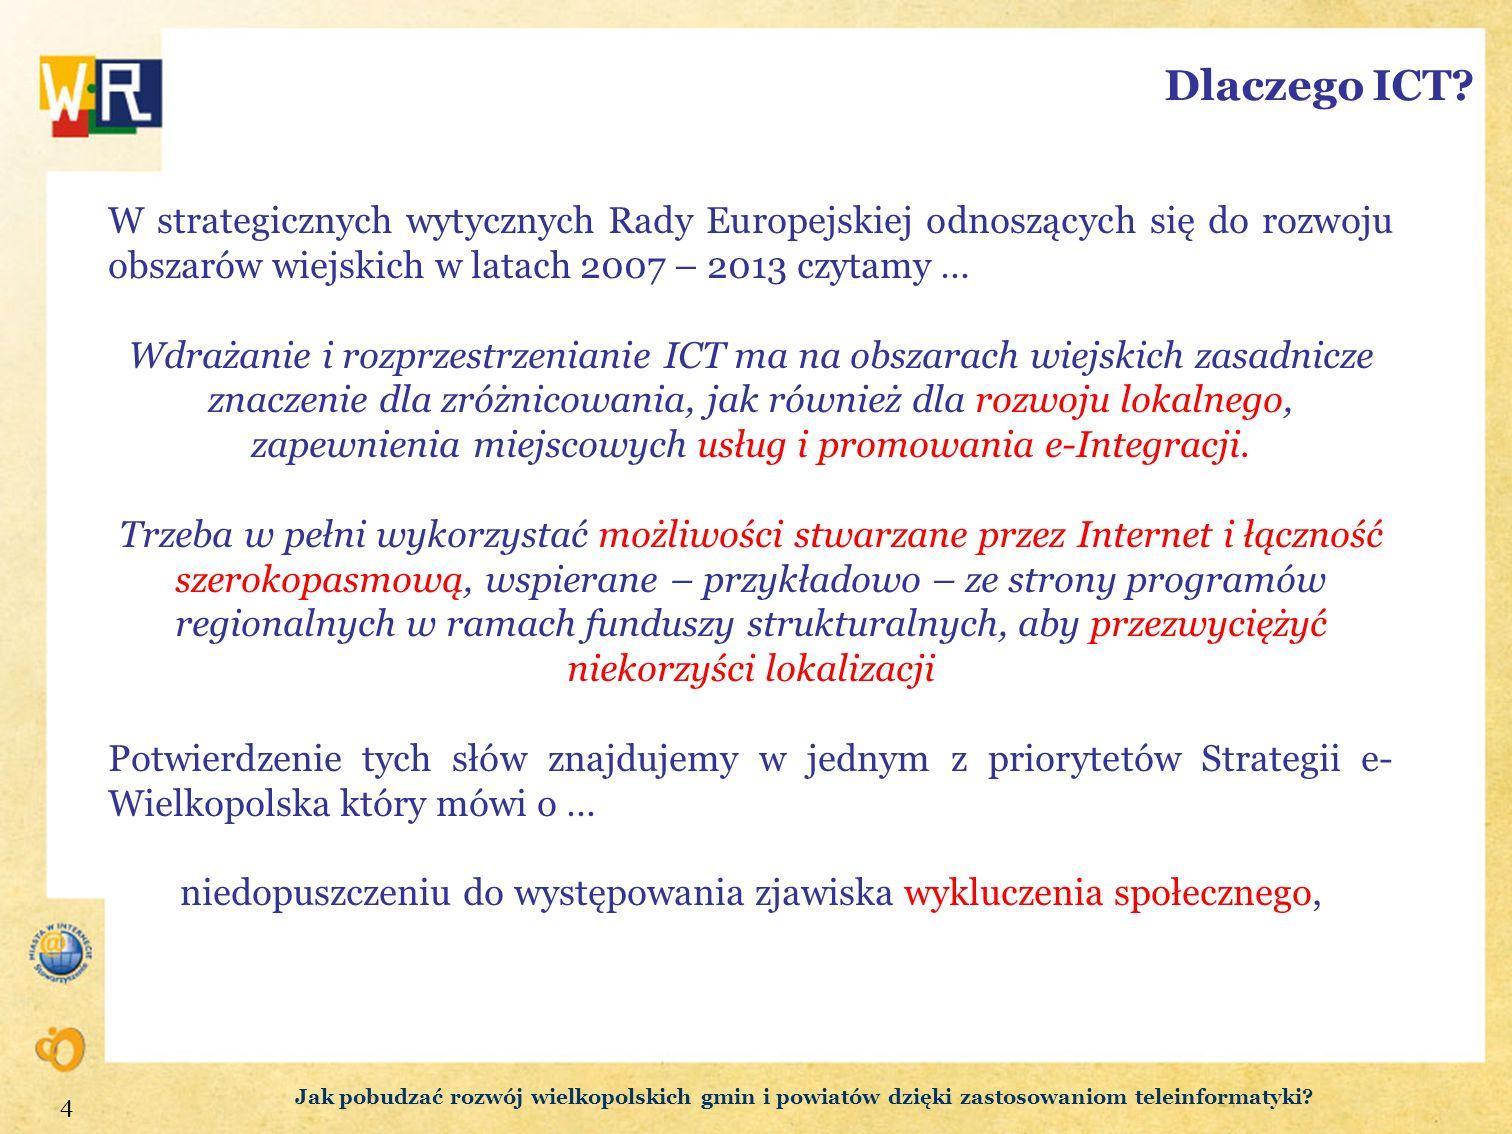 4 Dlaczego ICT? W strategicznych wytycznych Rady Europejskiej odnoszących się do rozwoju obszarów wiejskich w latach 2007 – 2013 czytamy … Wdrażanie i